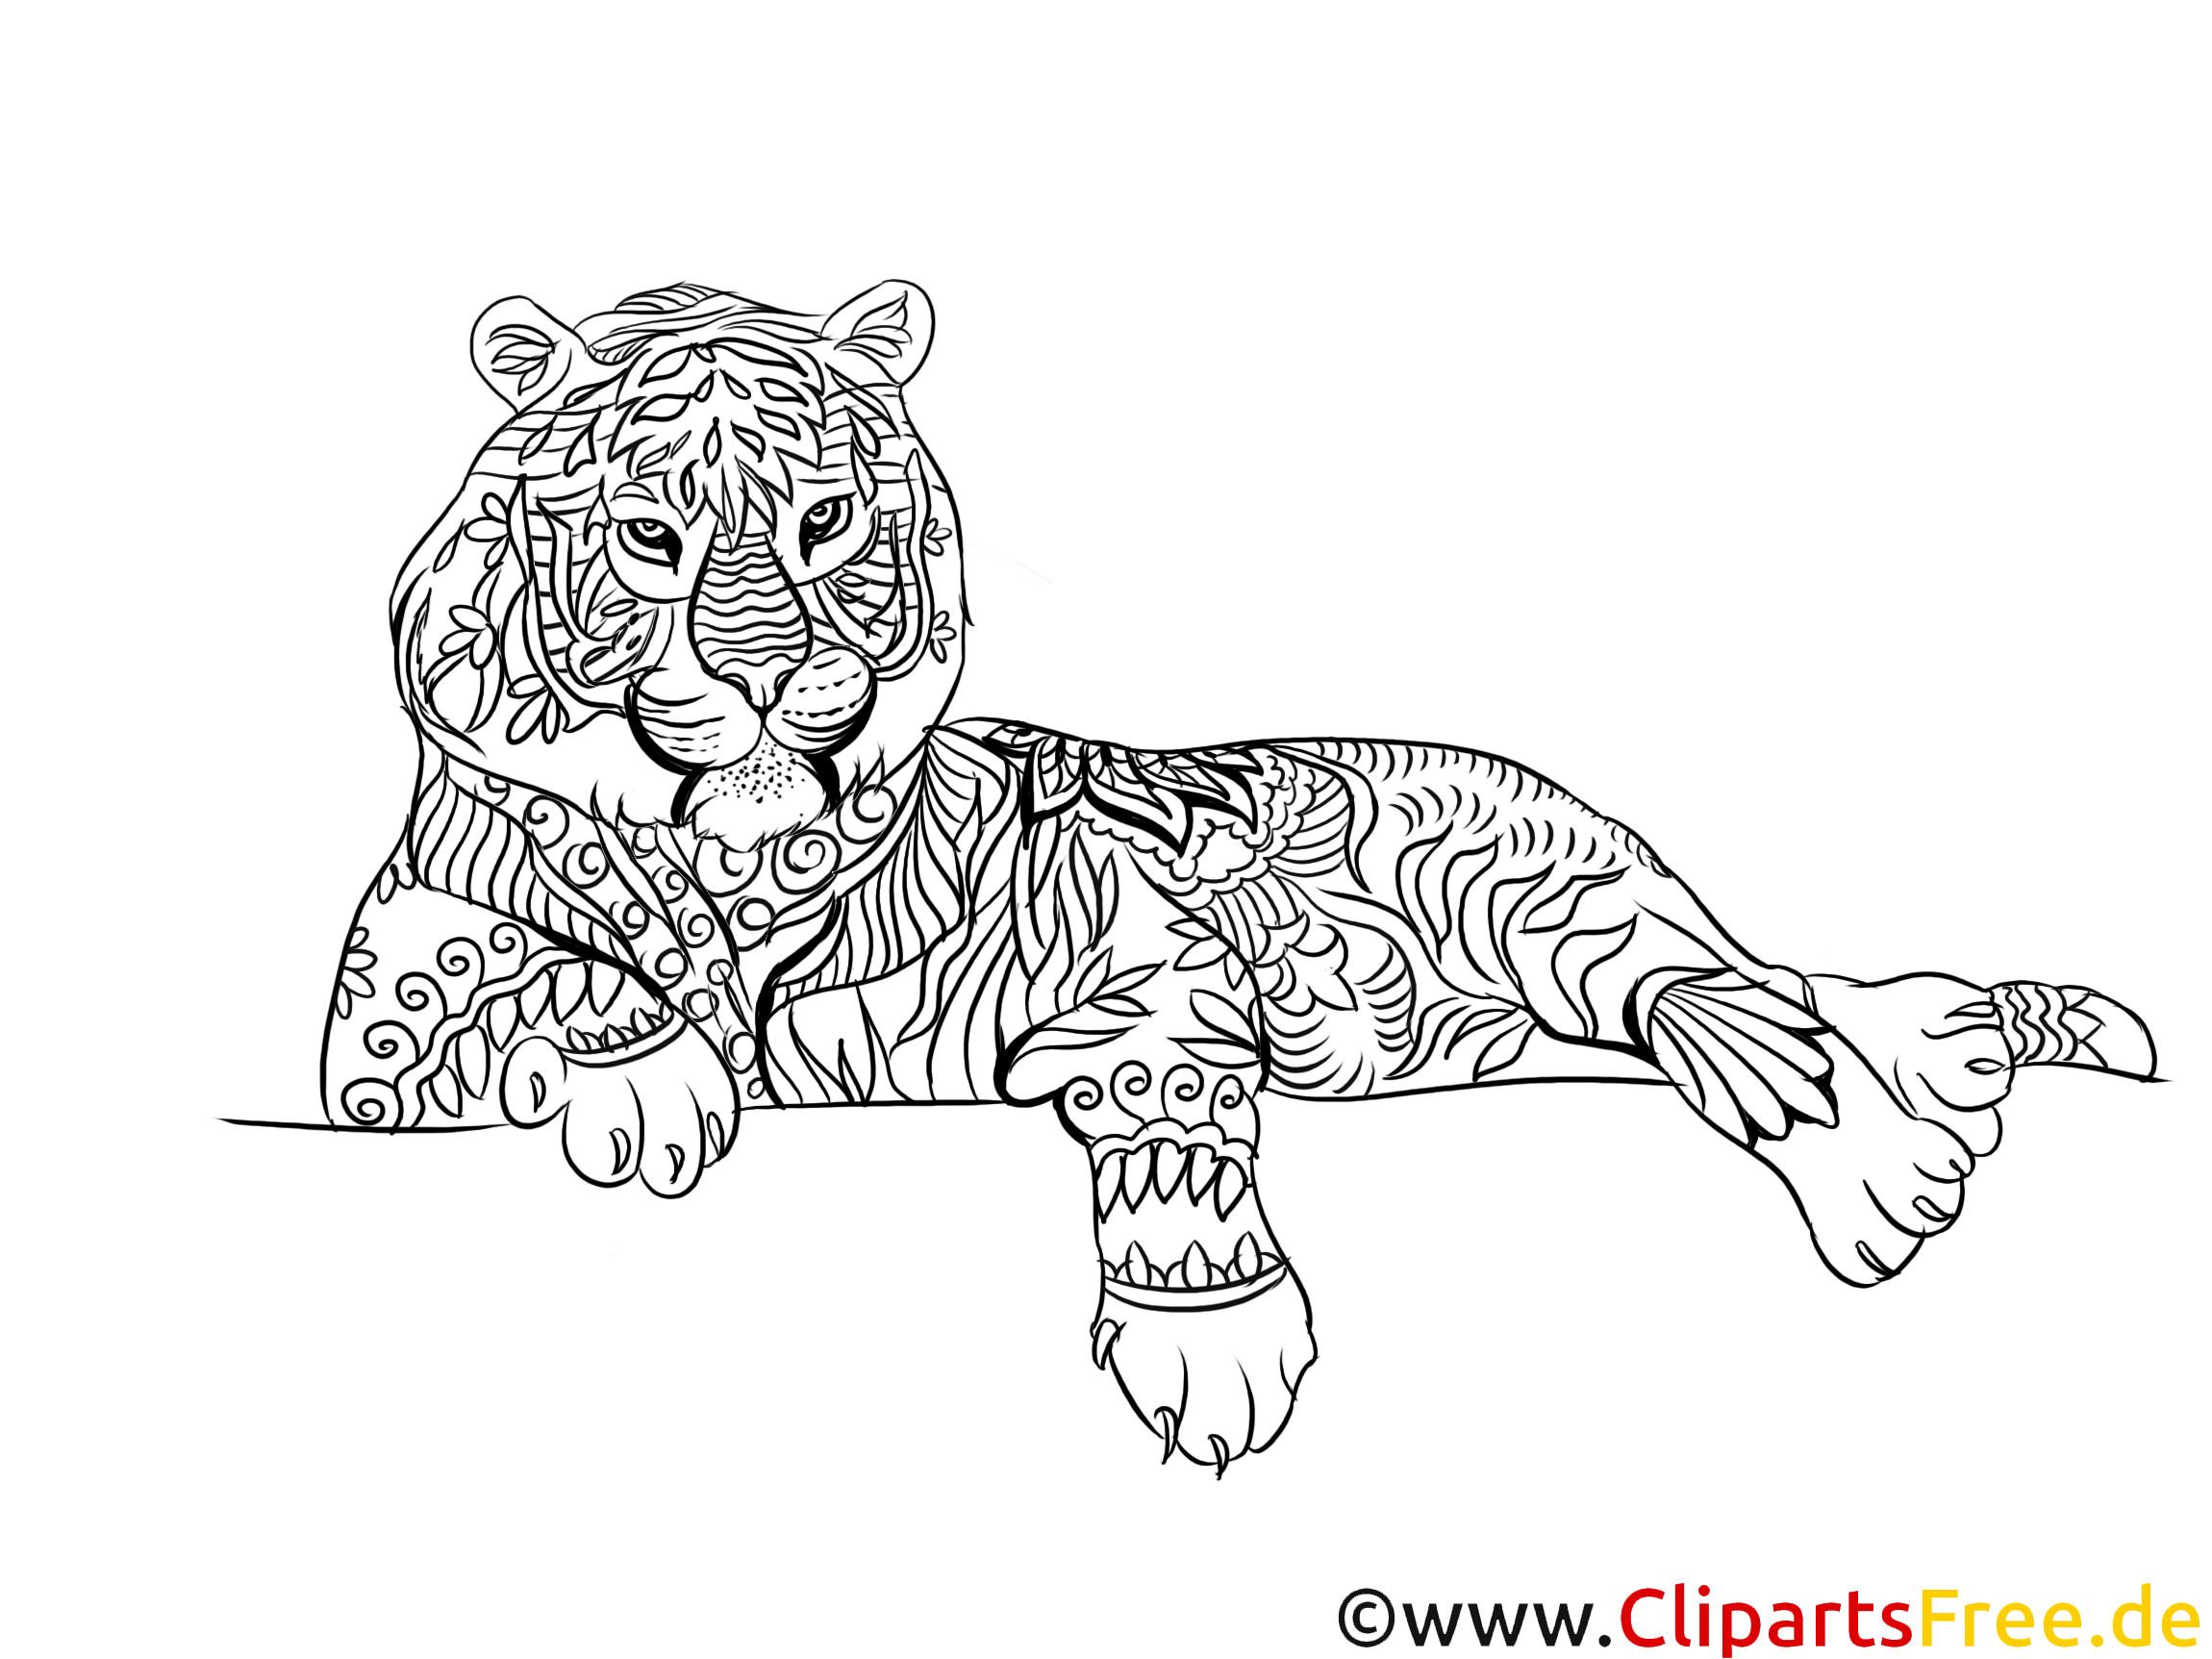 Malvorlagen Für Erwachsene Zum Ausdrucken  Tiger kostenlose Malvorlage für Erwachsene zum Ausdrucken